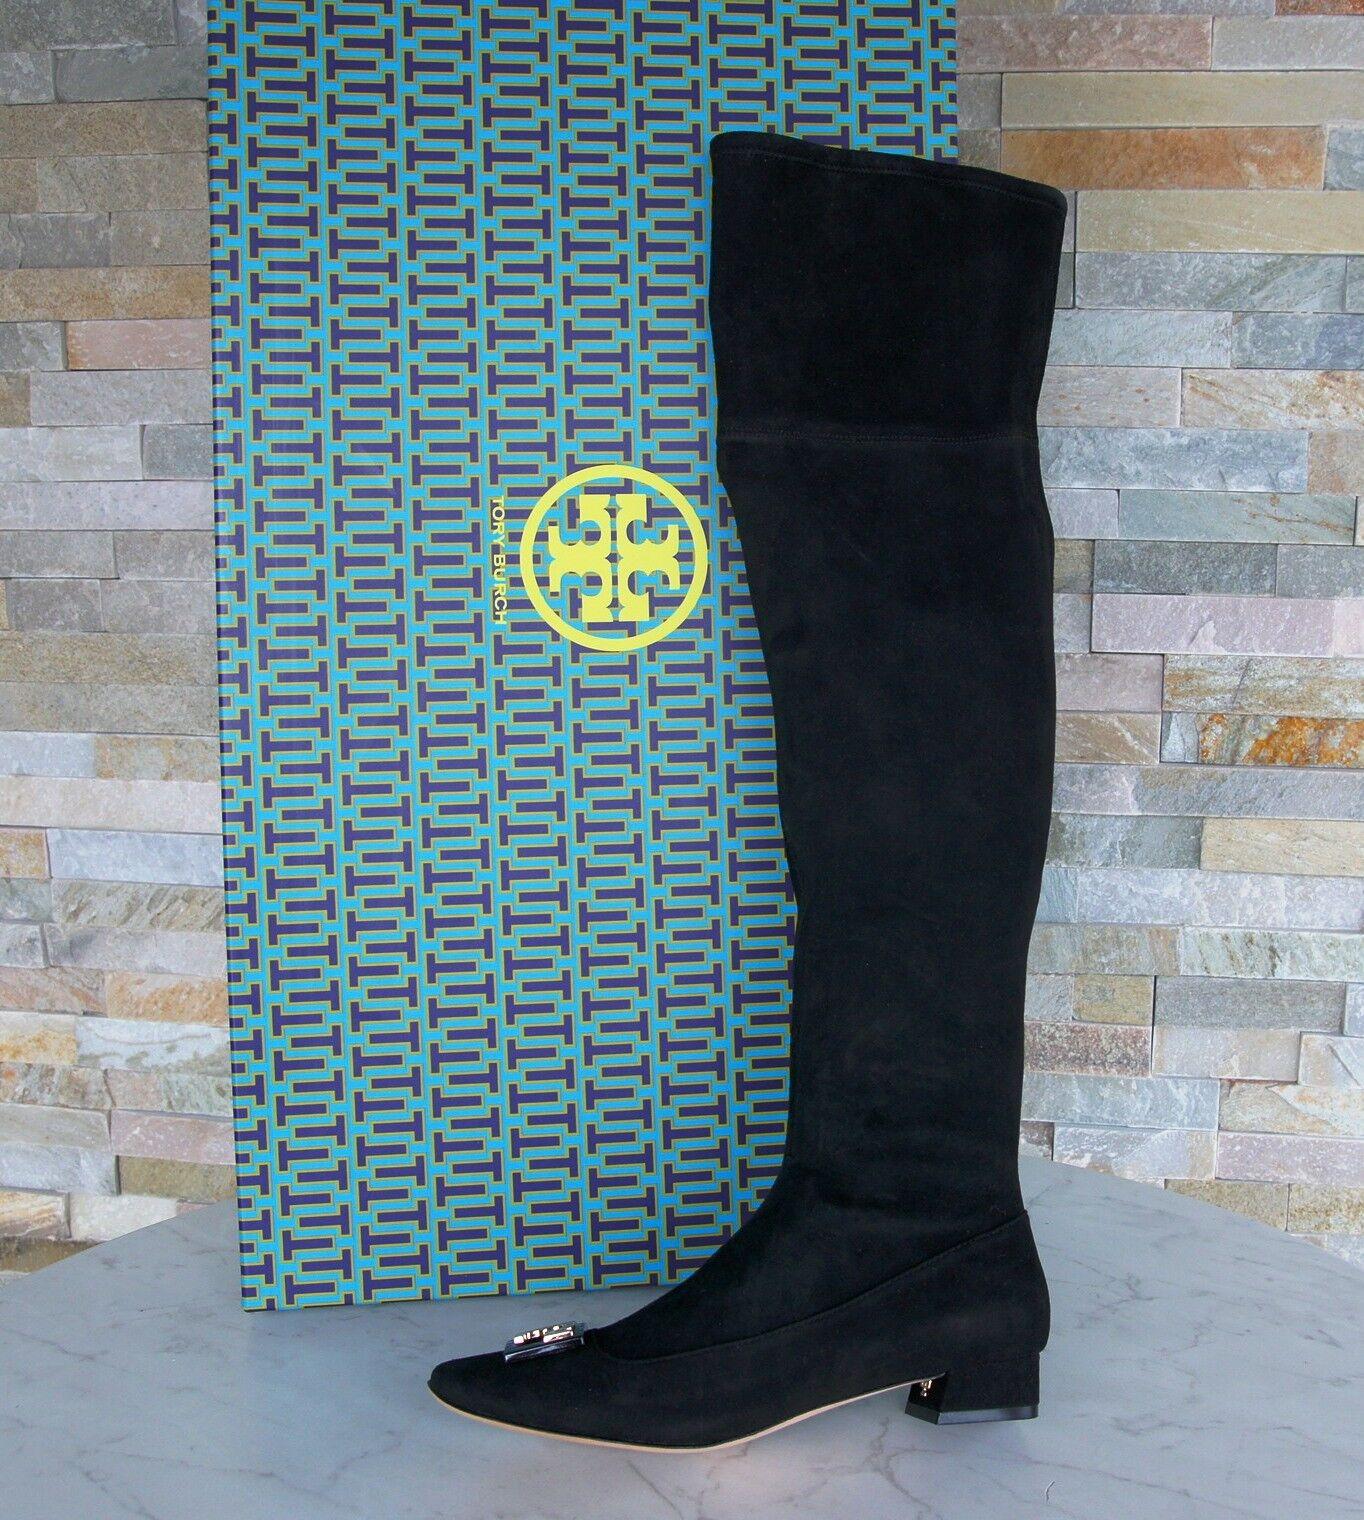 Tory Burch talla 37,5 7,5 calcetas botas zapatos zapatos zapatos negro nuevo ex PVP  disfrutando de sus compras